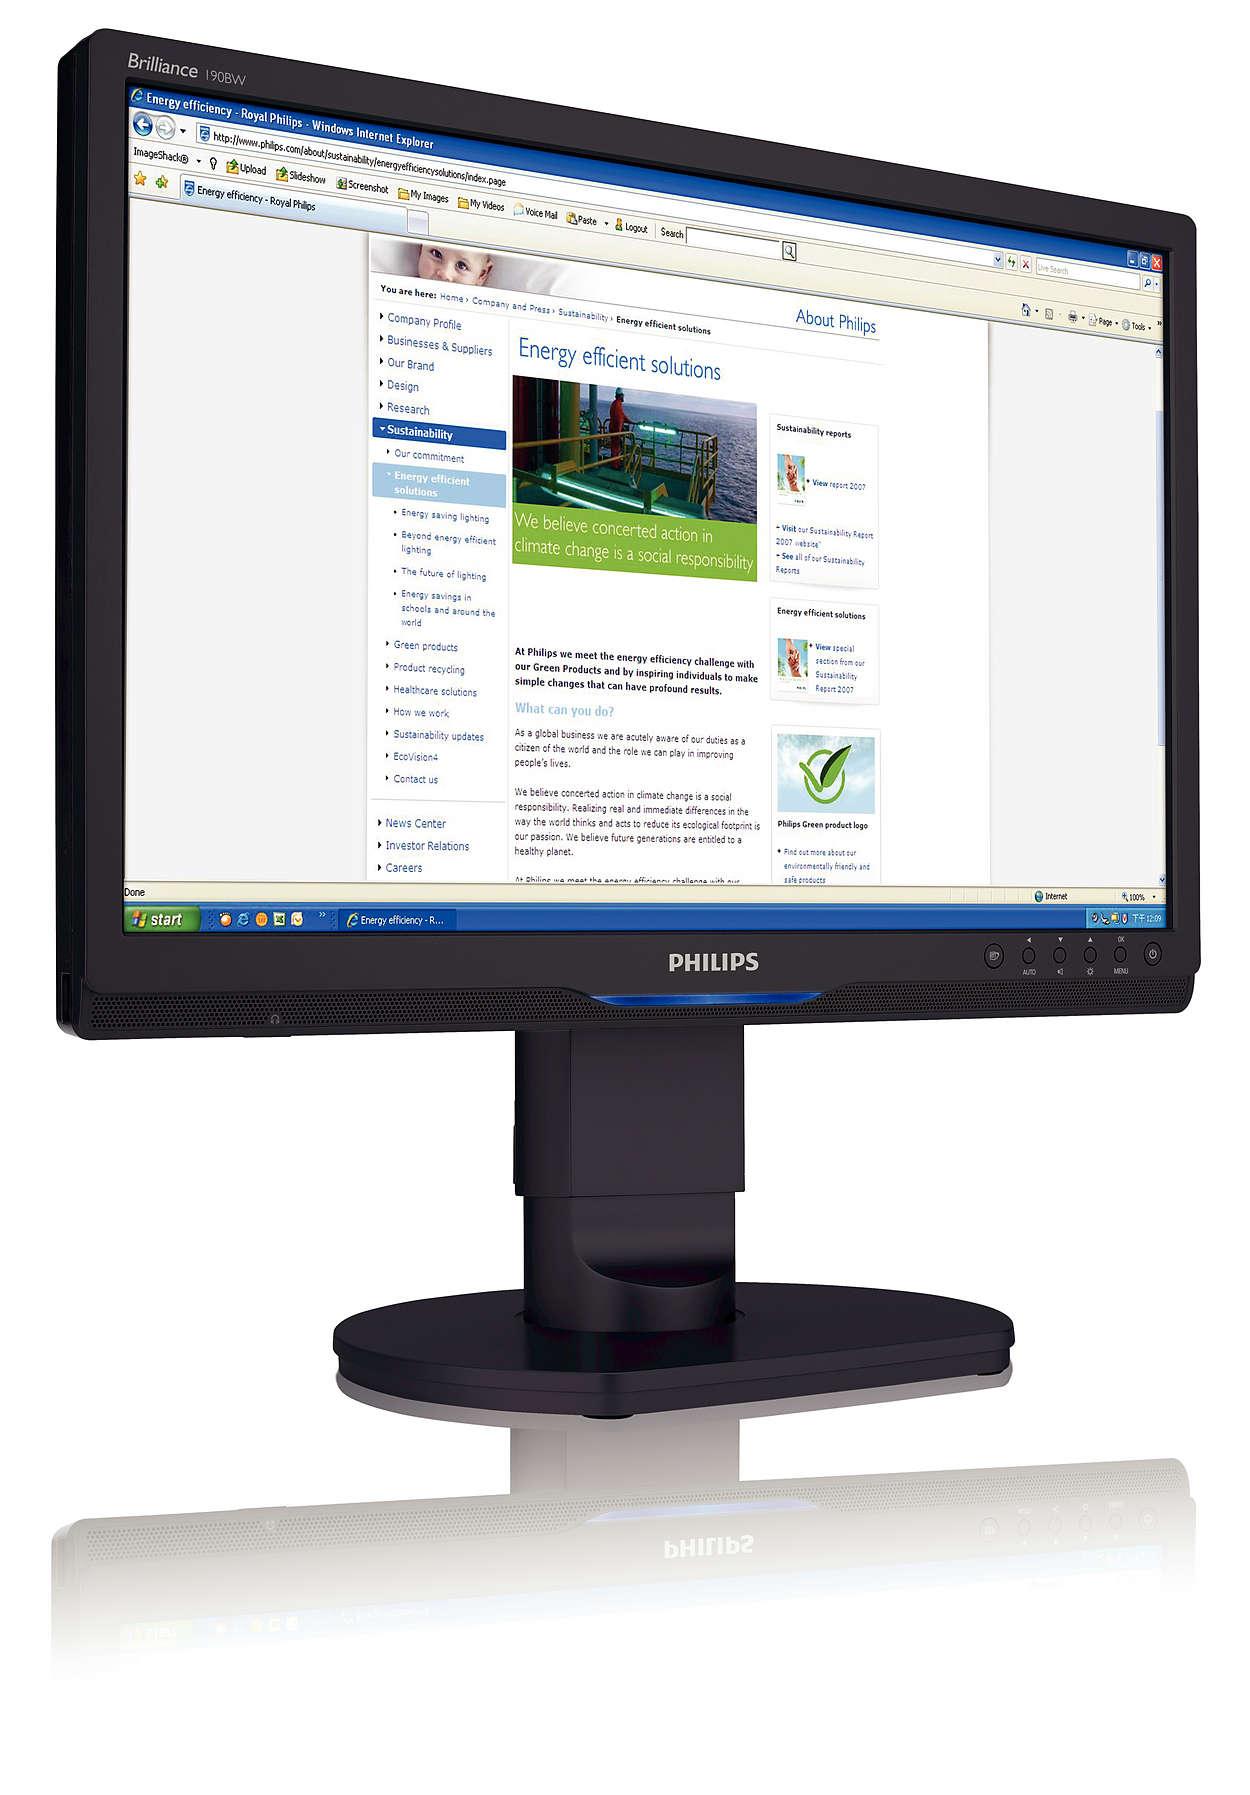 Şirketler için yüksek çözünürlüklü ergonomik geniş ekran